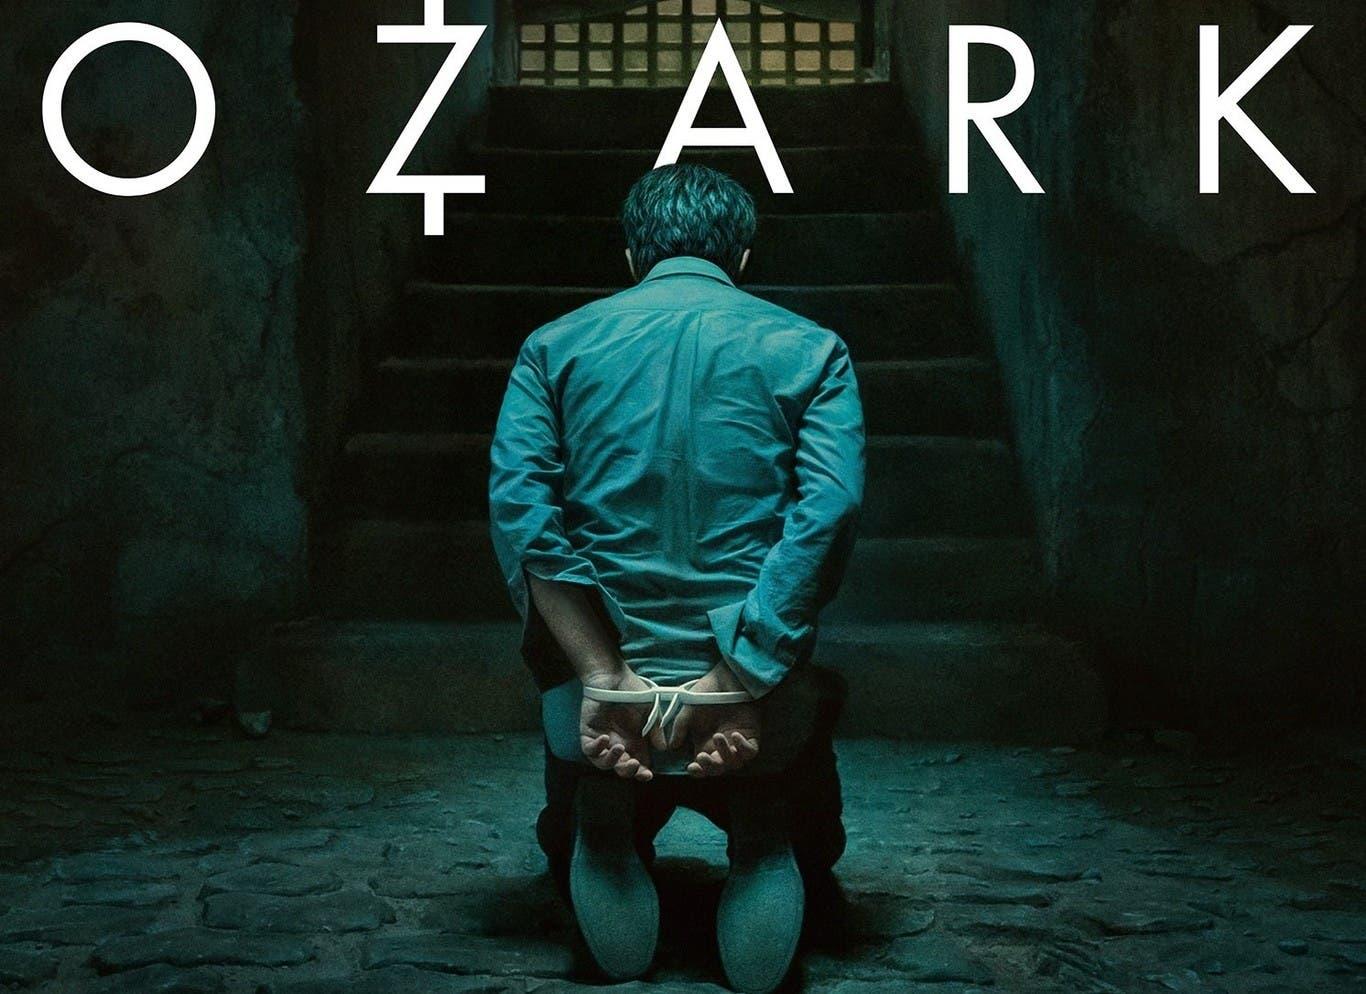 misterio Ozark